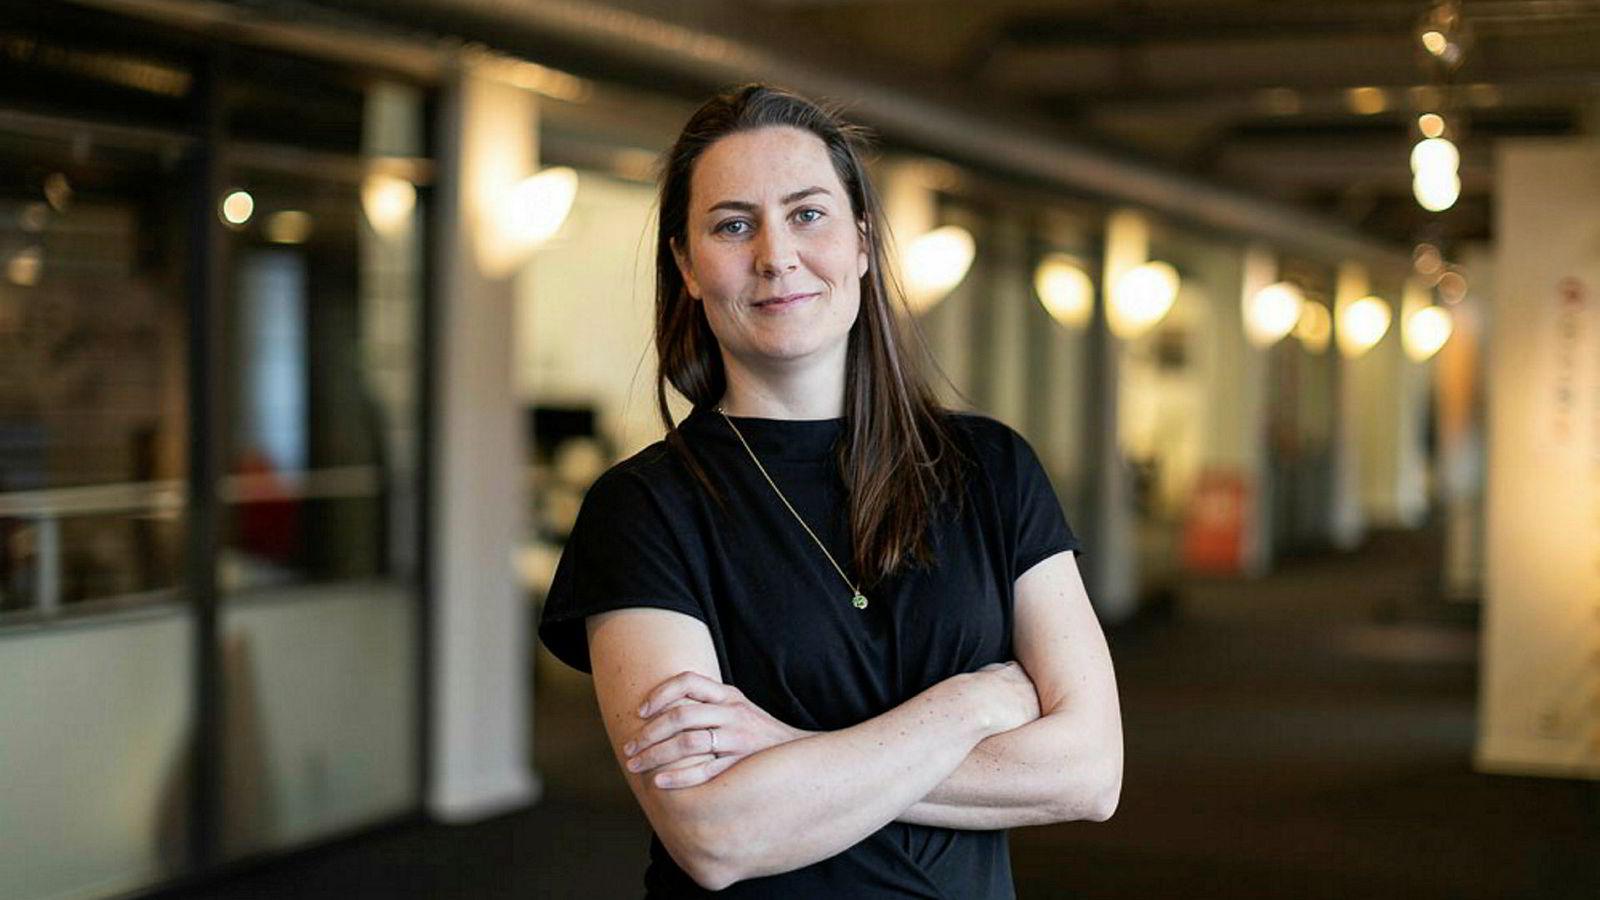 En likestilt arbeidsplass er et kollektivt ansvar på tvers av hele bedriften, skriver Lene Krog, konsulent og leder av Accentures kvinnenettverk.